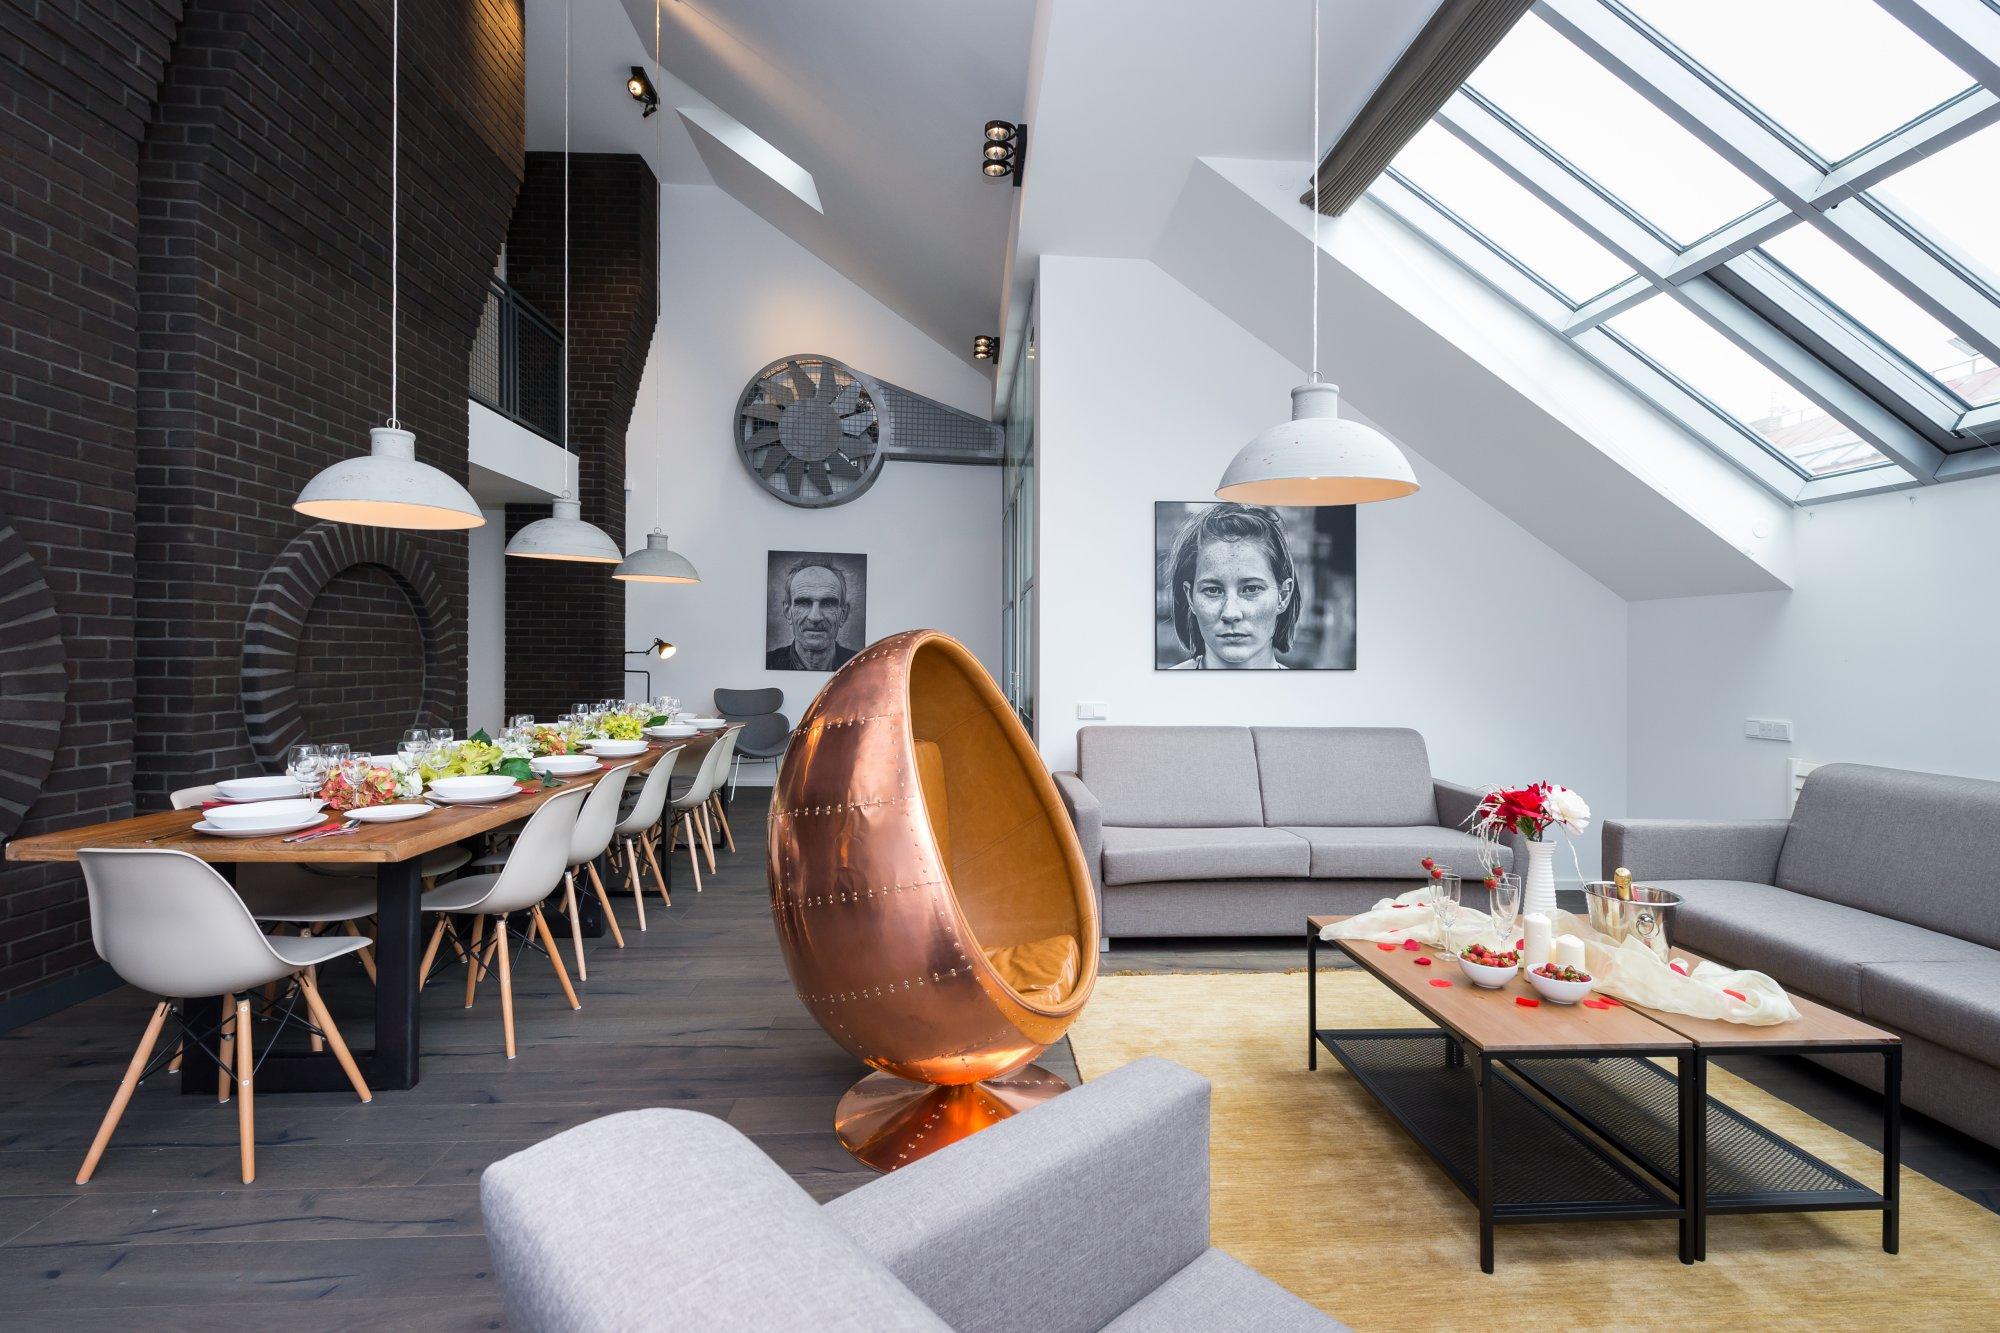 Půdní byt 5+kk, plocha 194 m², ulice Dlážděná, Praha 1 - Nové Město | 2